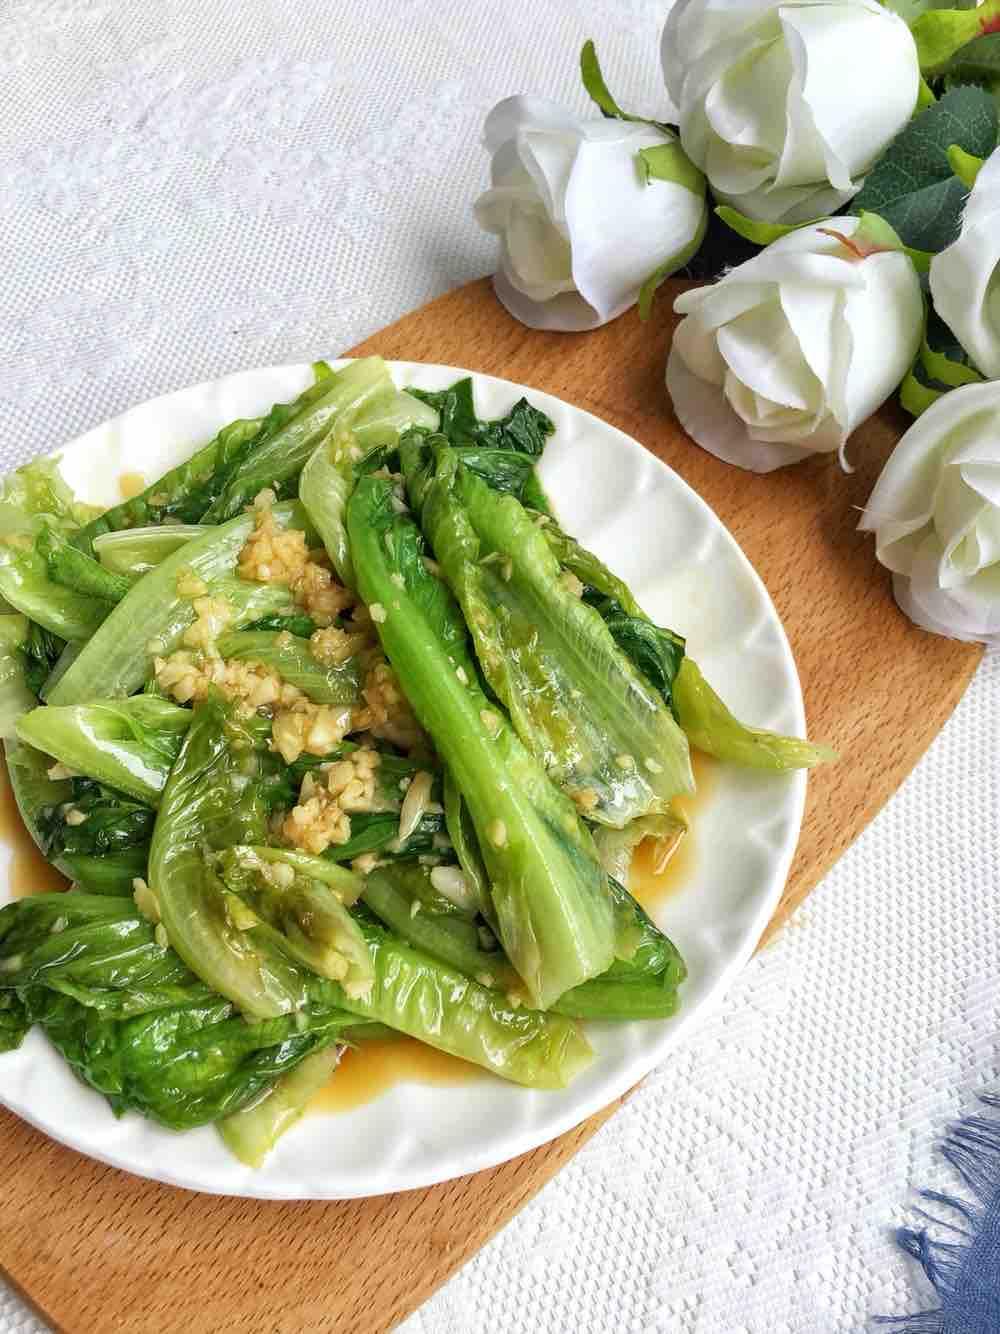 蚝油蒜泥生菜成品图